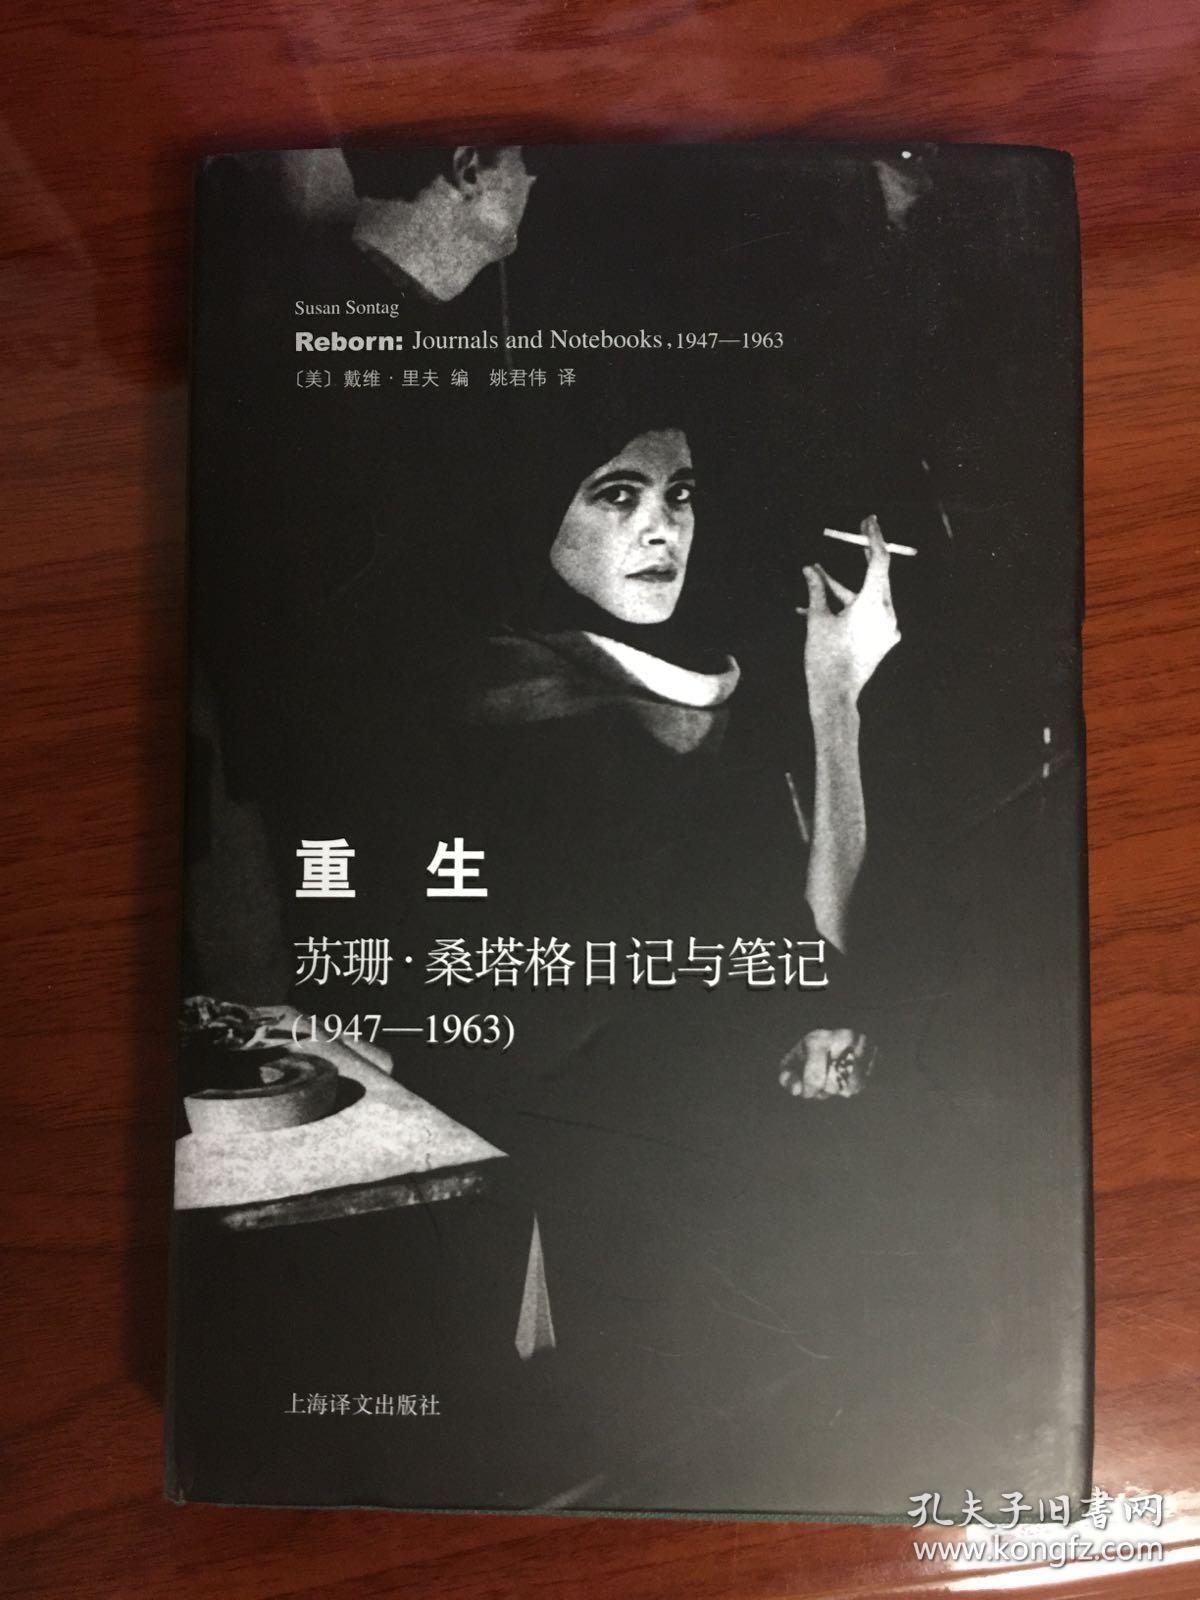 重生:桑塔格日记与笔记1947~1963:苏珊·桑塔格文集